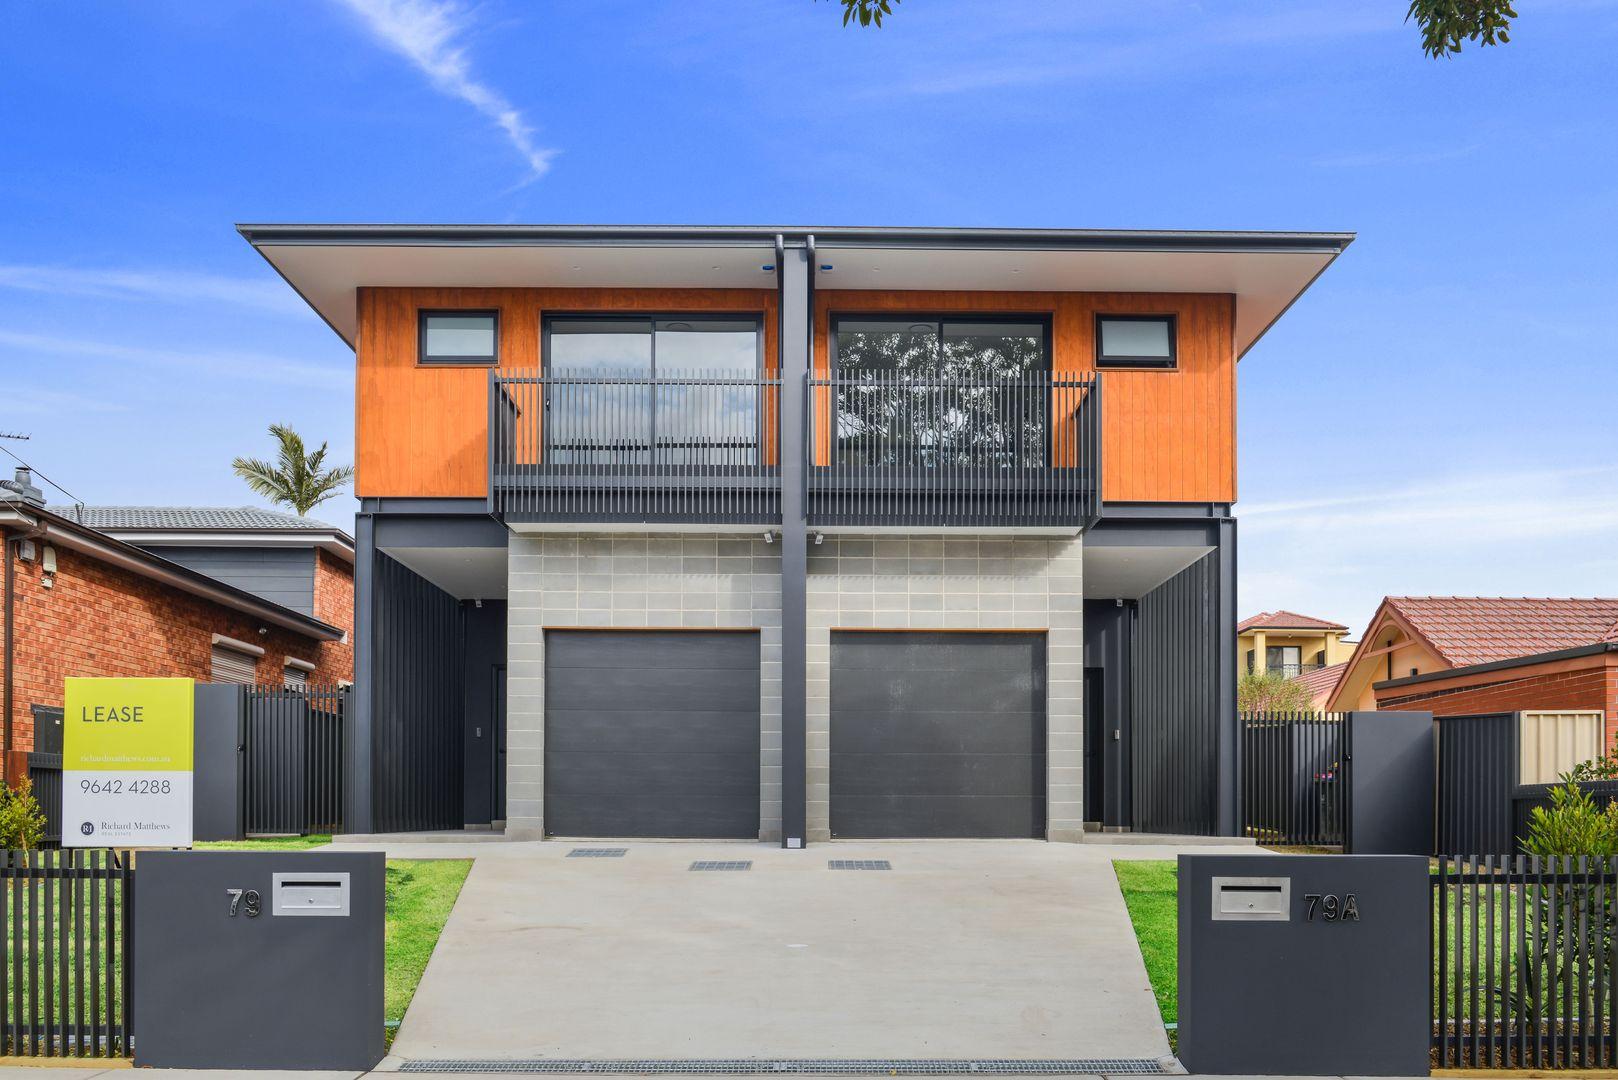 79 Edenholme Road, Wareemba NSW 2046, Image 0